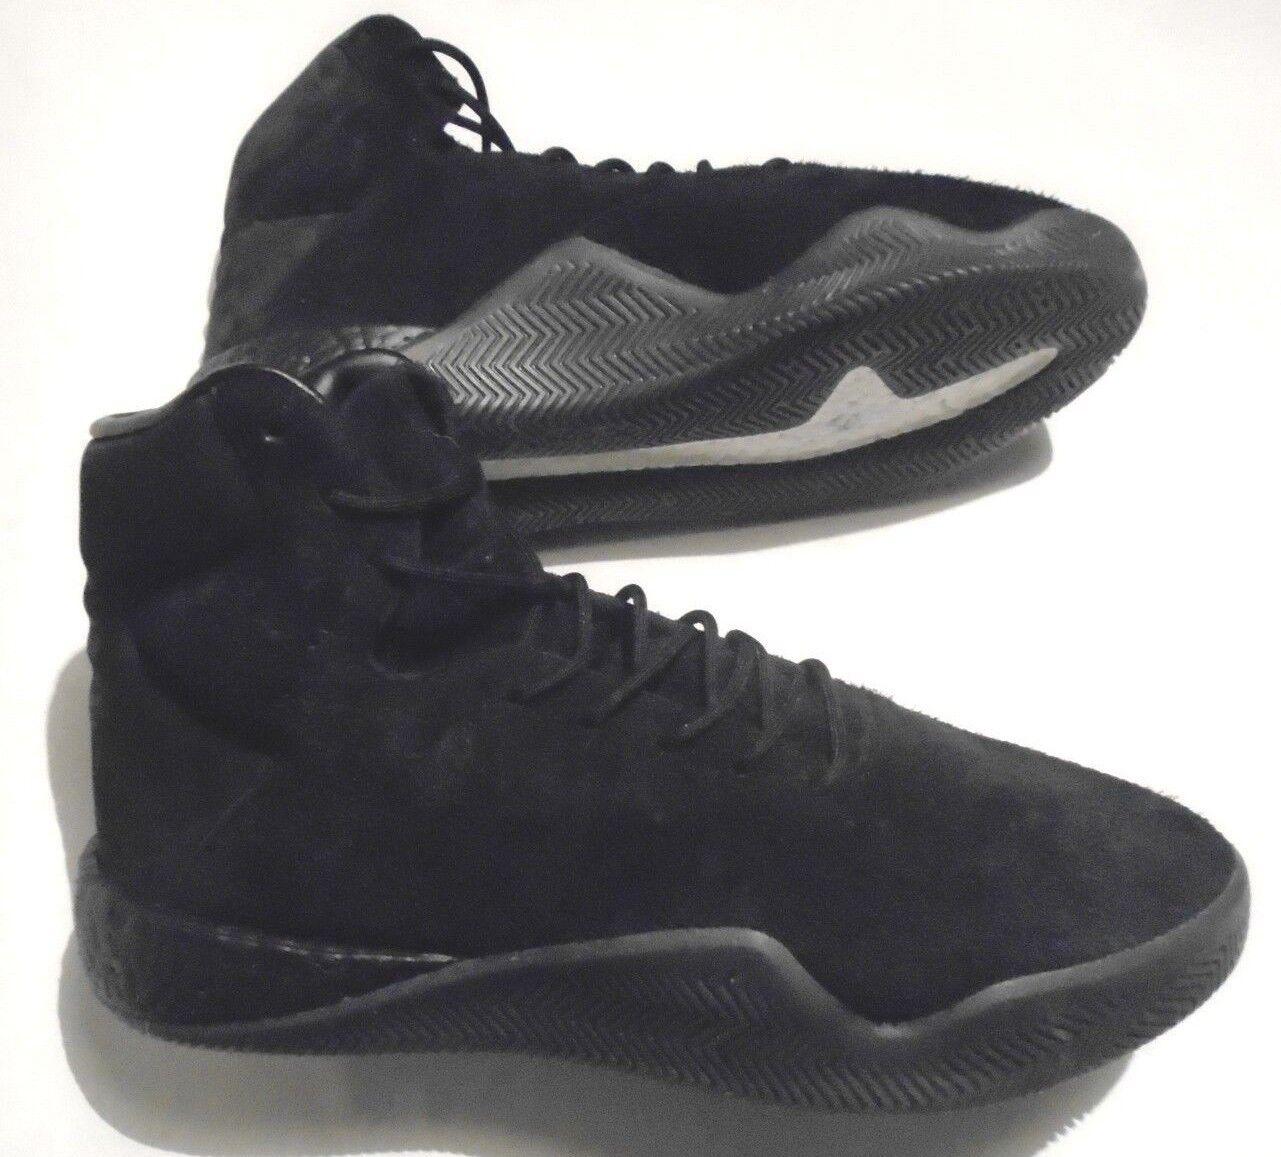 Neue adidas originals tubuläre instinkt durch männer größe 13 13 13 schuhe, schwarze bb8931 1818e0